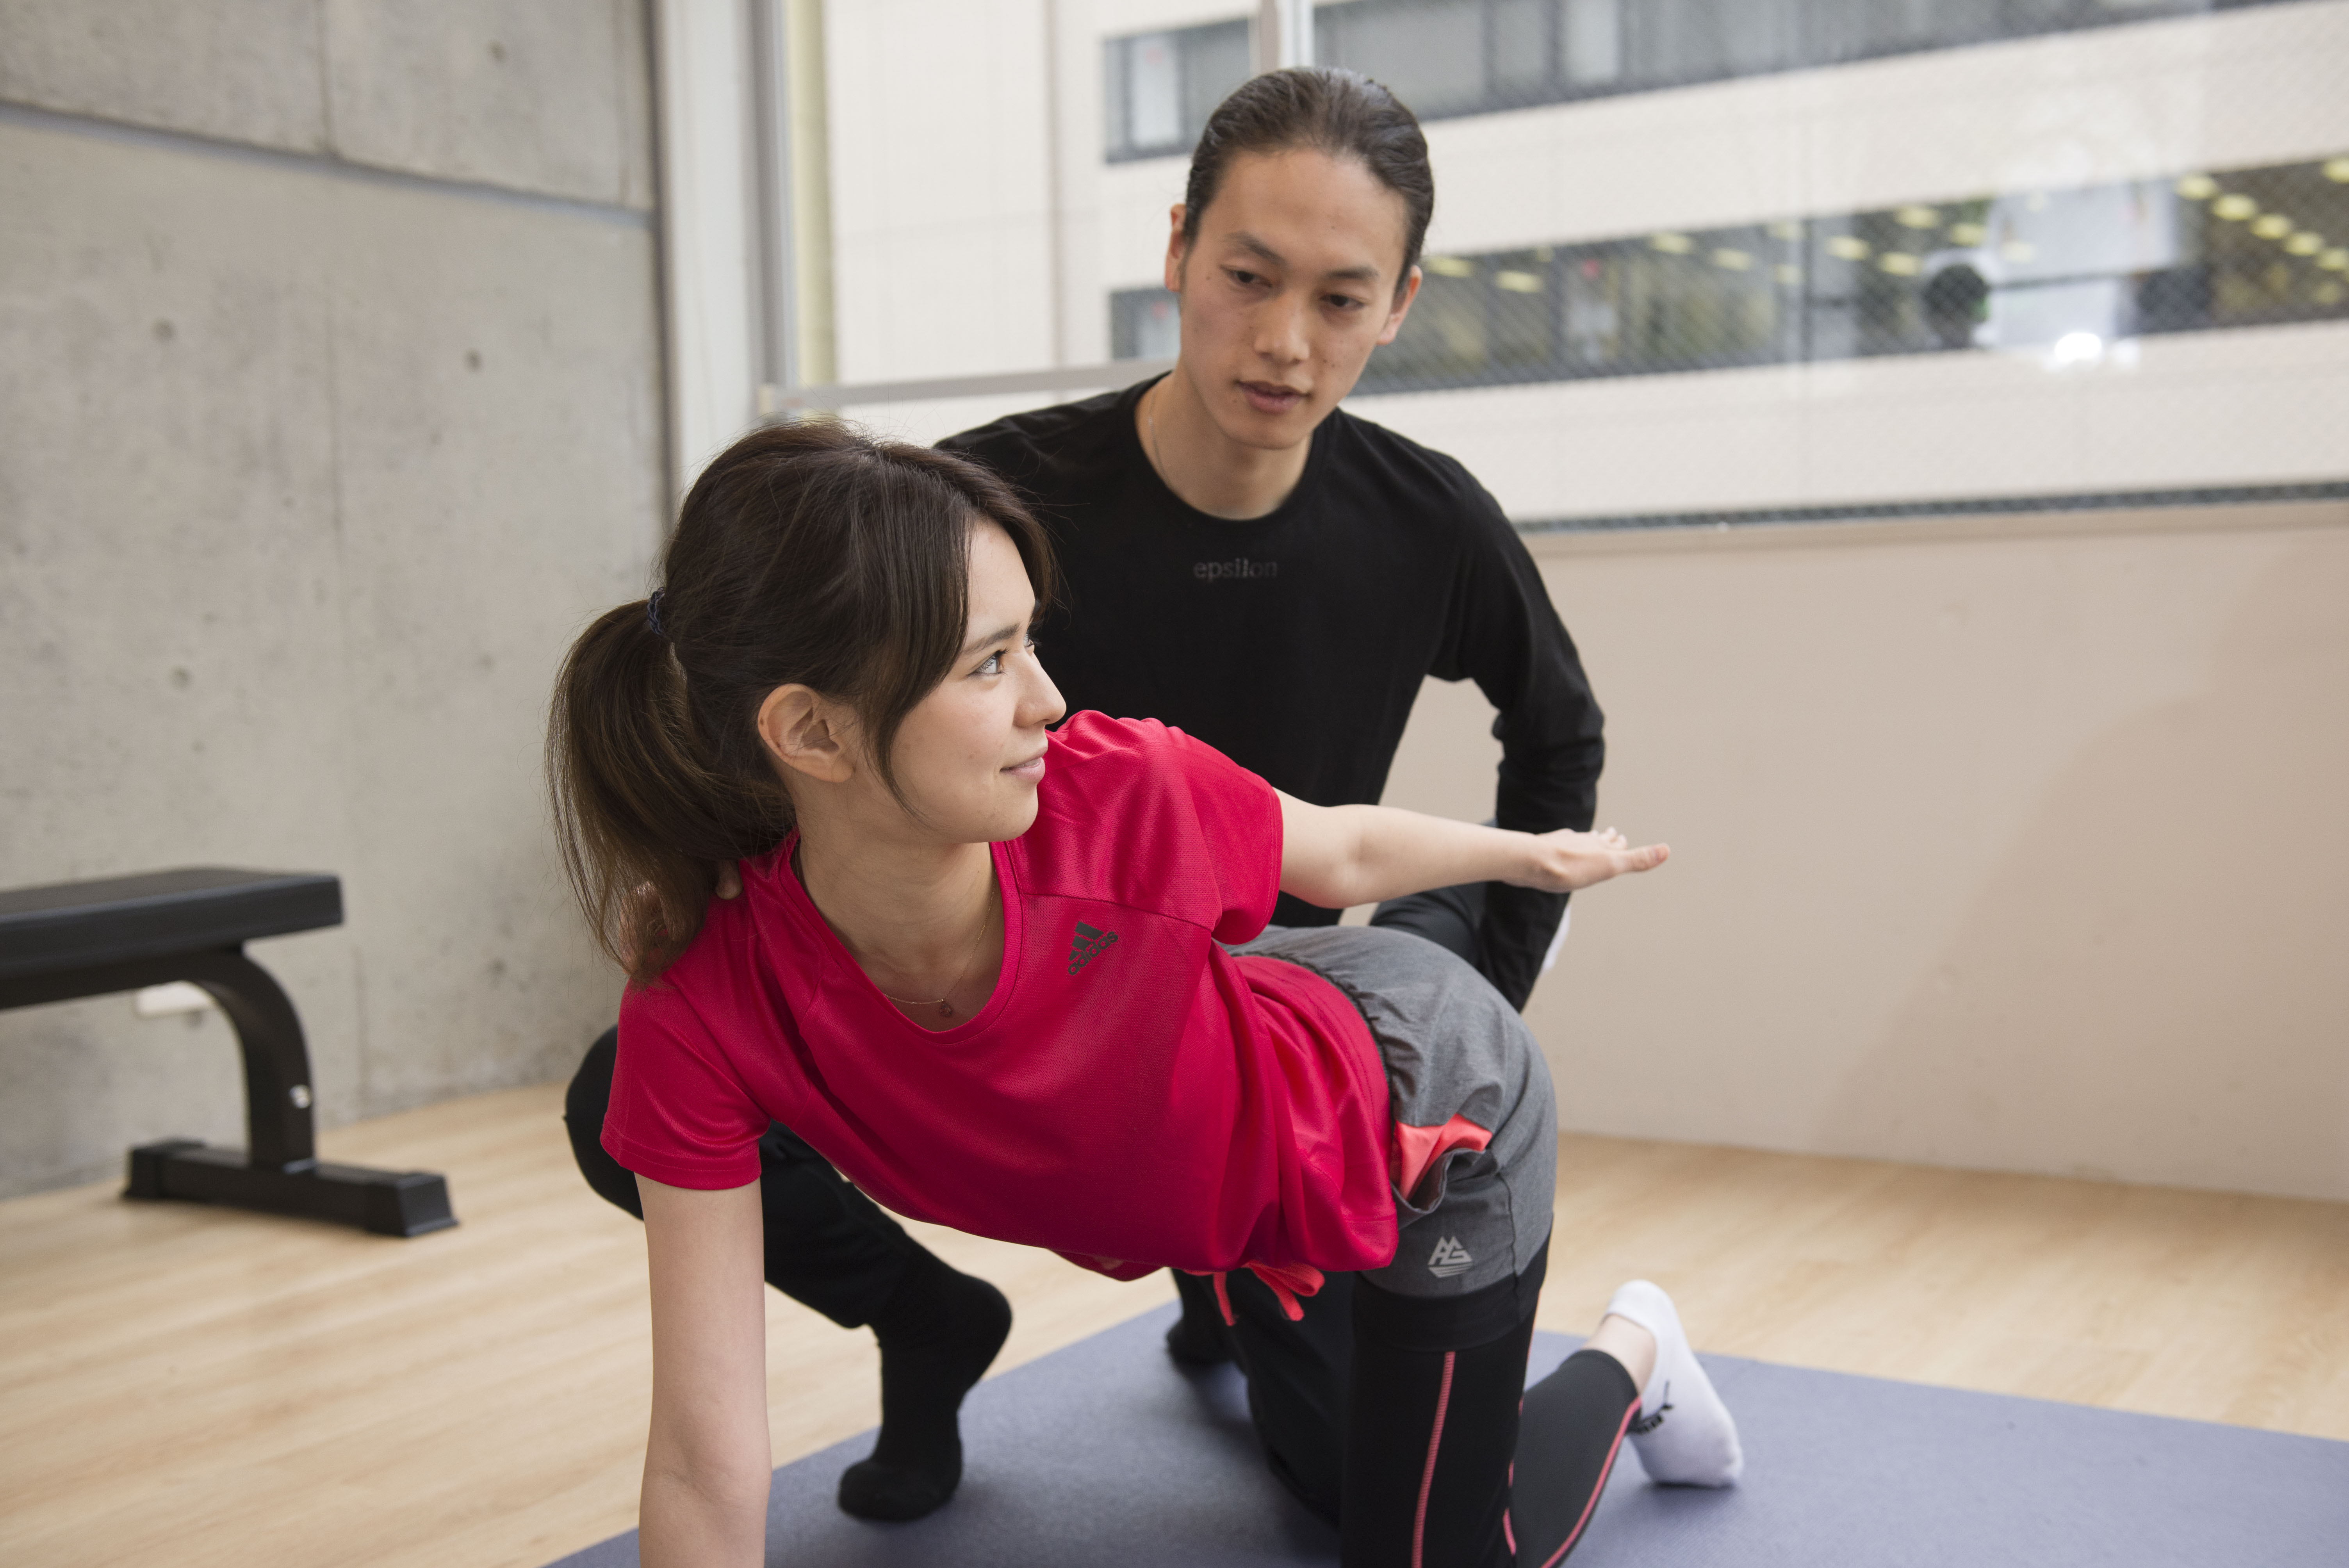 171209_epsilon1821epsilon_daichi-training